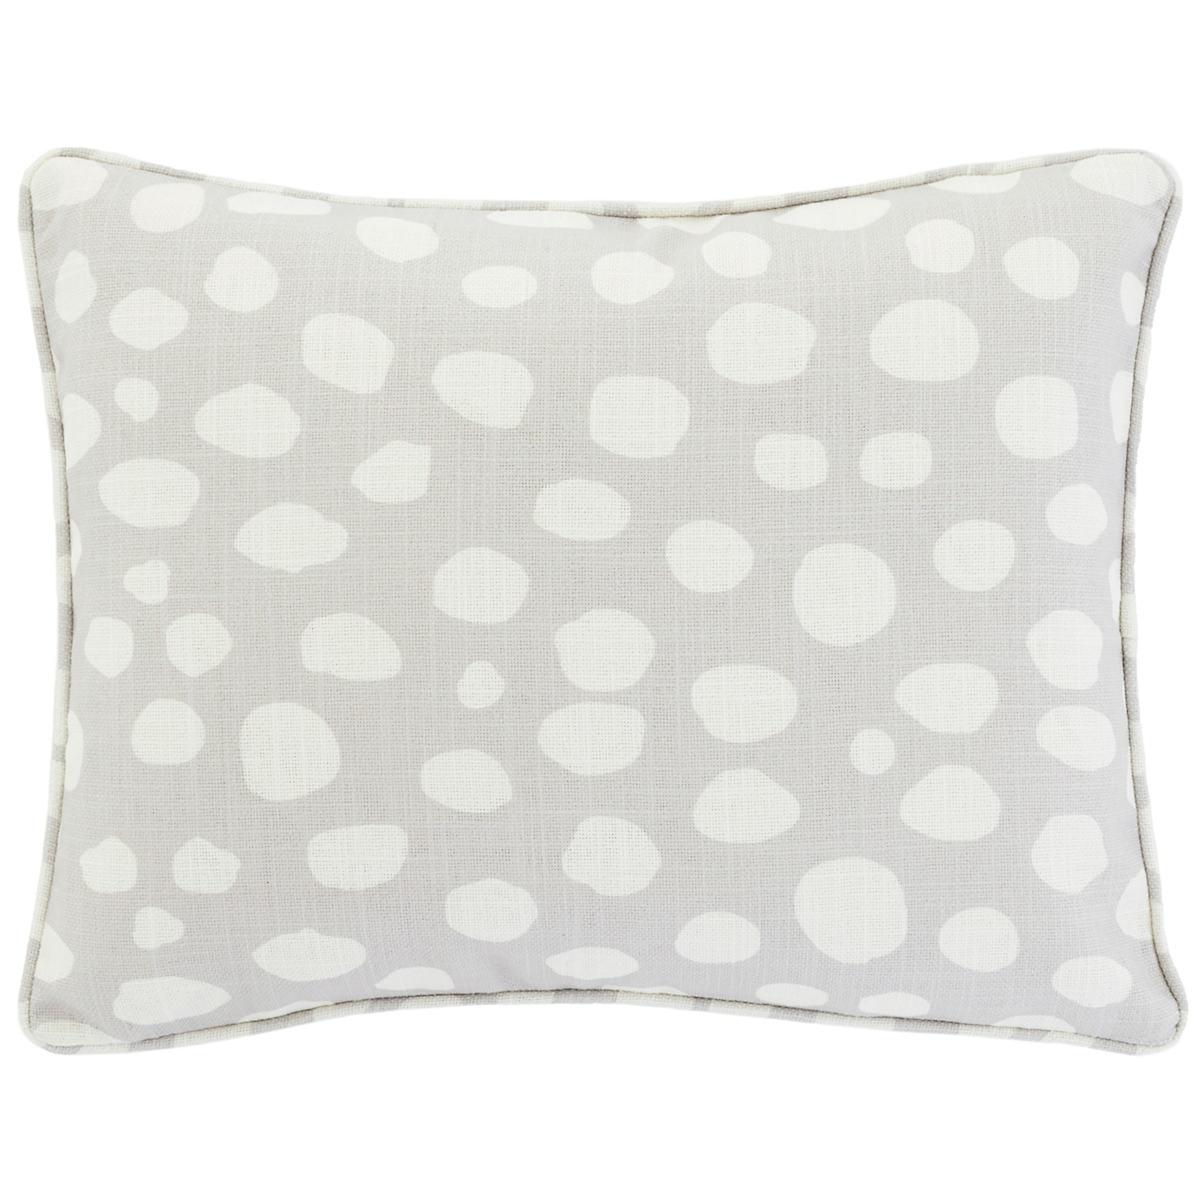 Spot On Grey Indoor/Outdoor Decorative Pillow